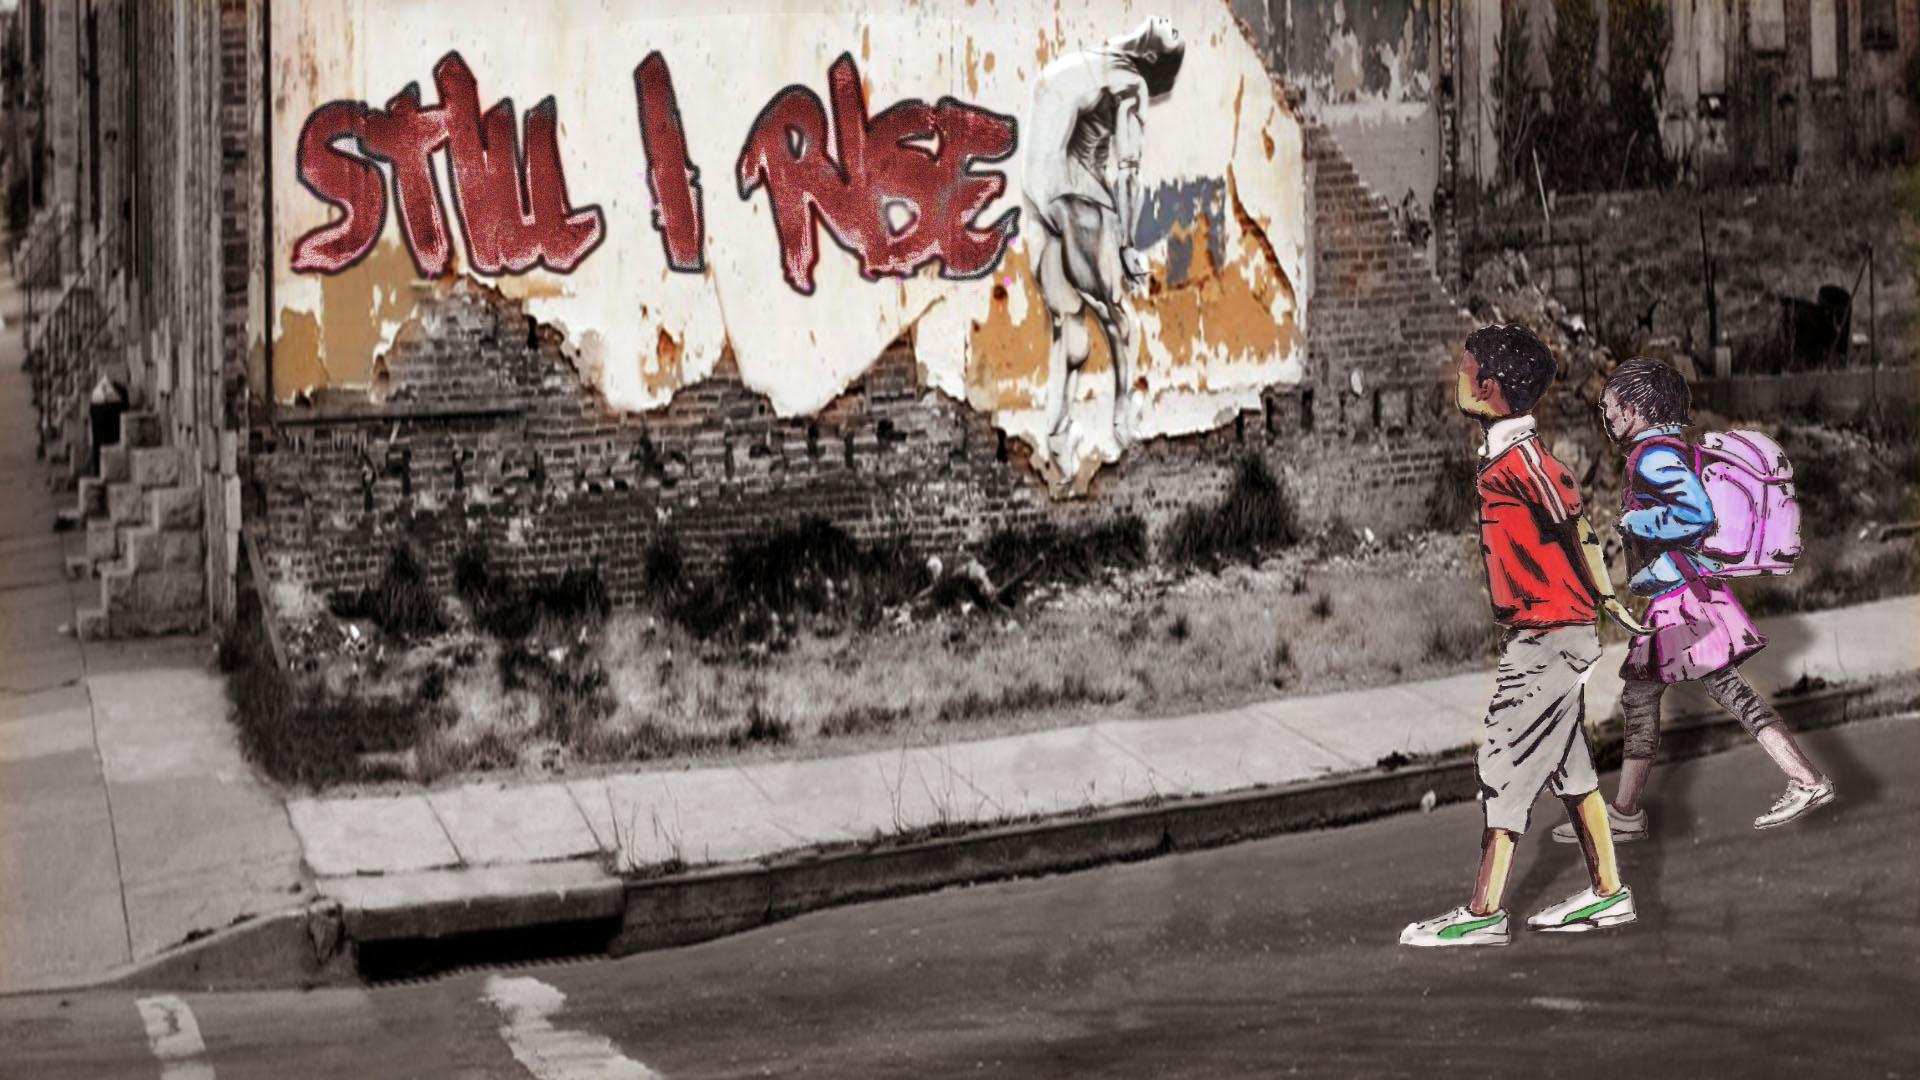 stillrise-graffiti.jpg